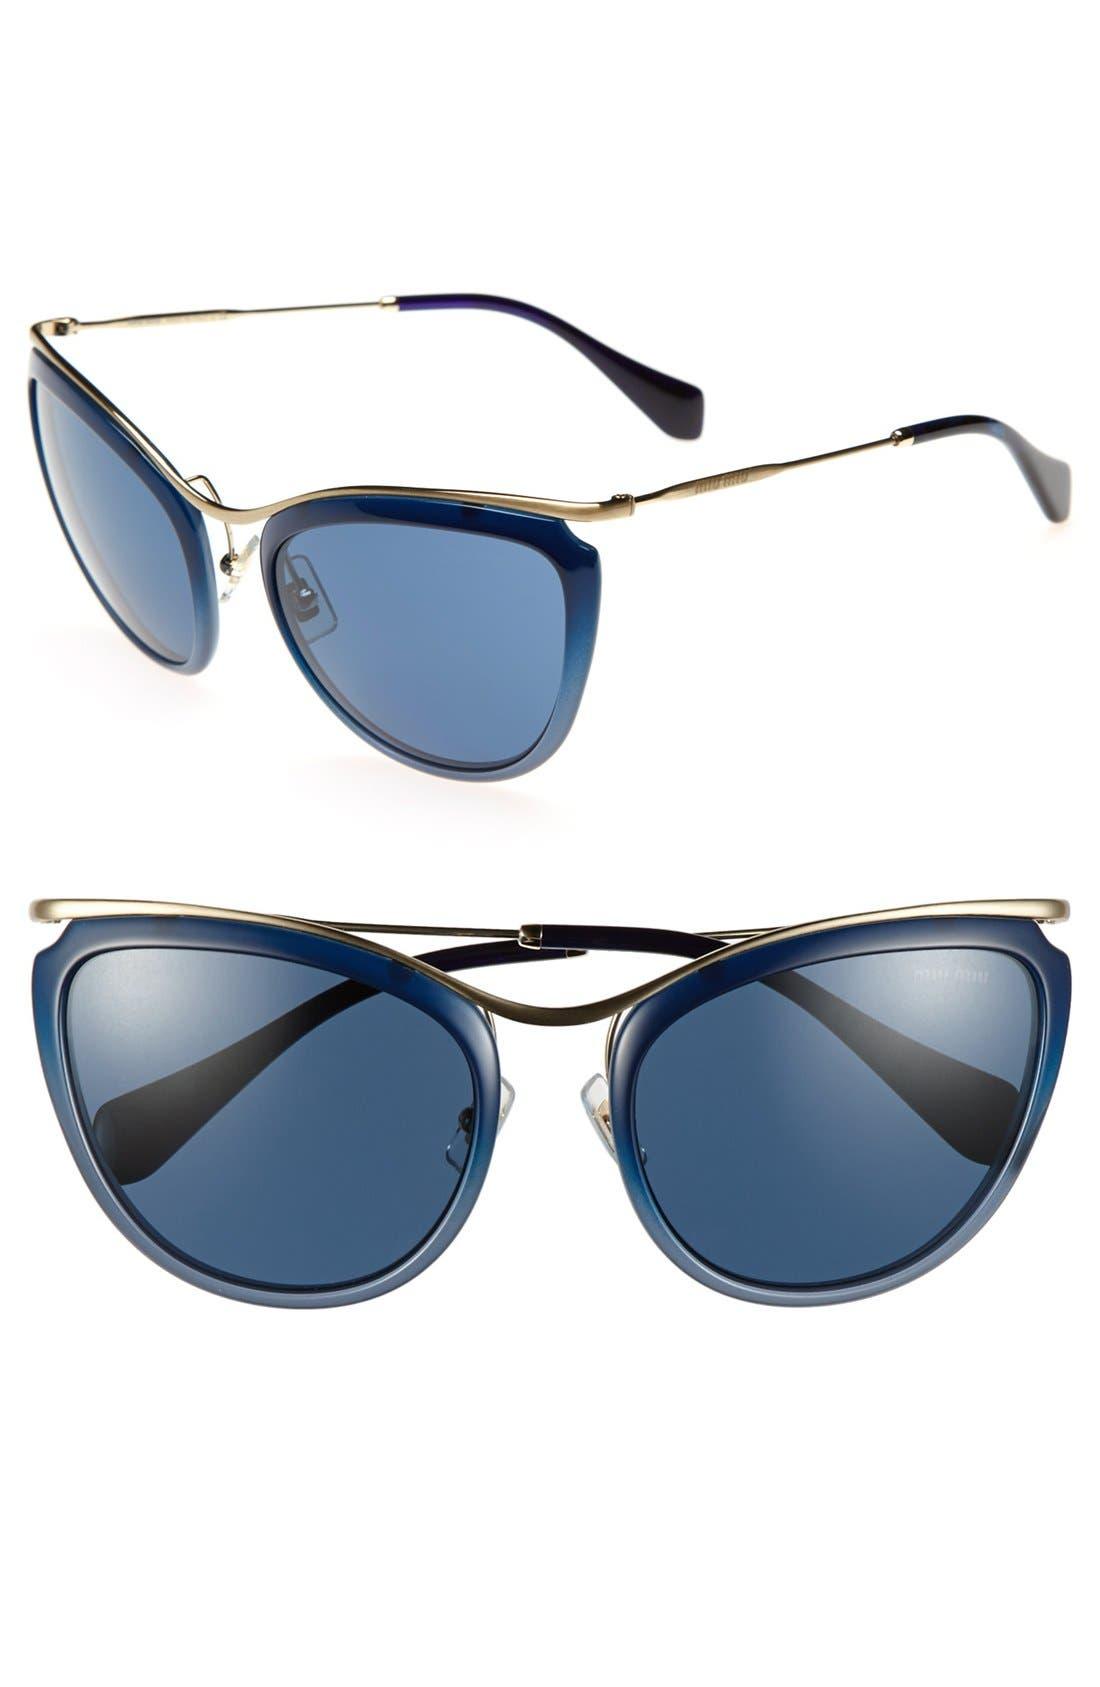 Main Image - Miu Miu 57mm Cat Eye Sunglasses